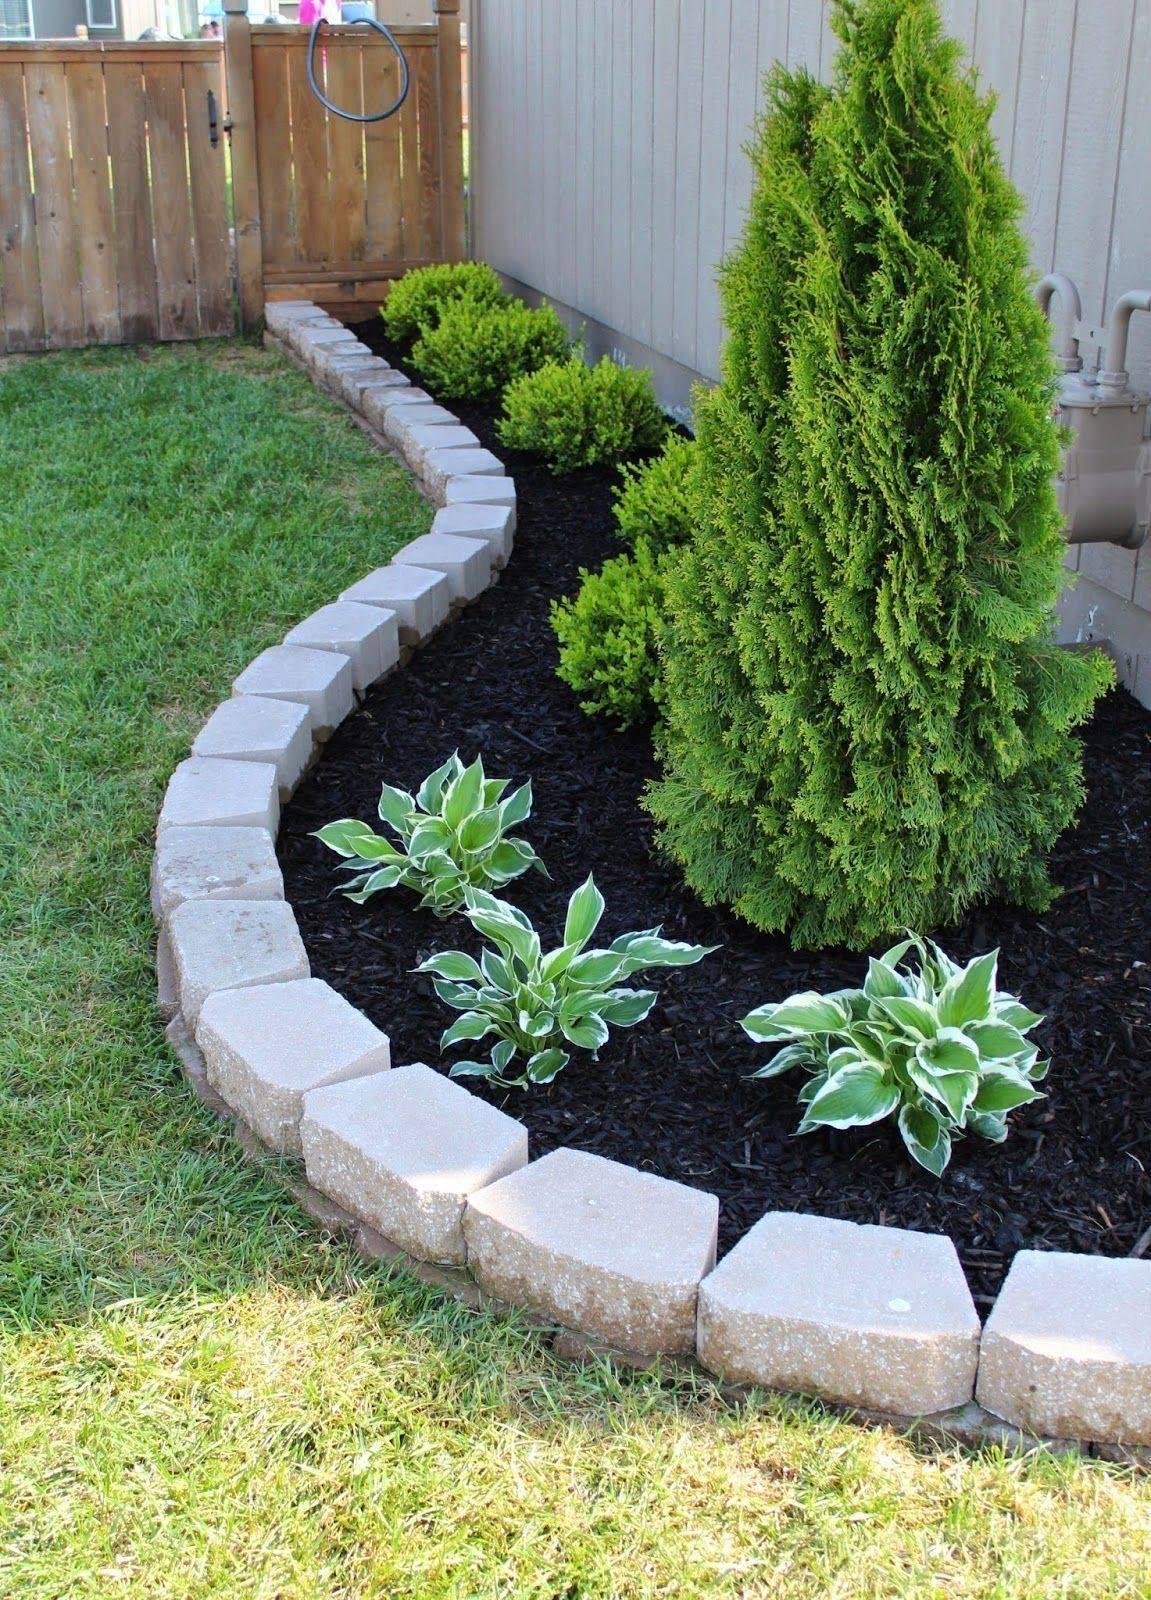 diy easy garden ideas-410812797259356114